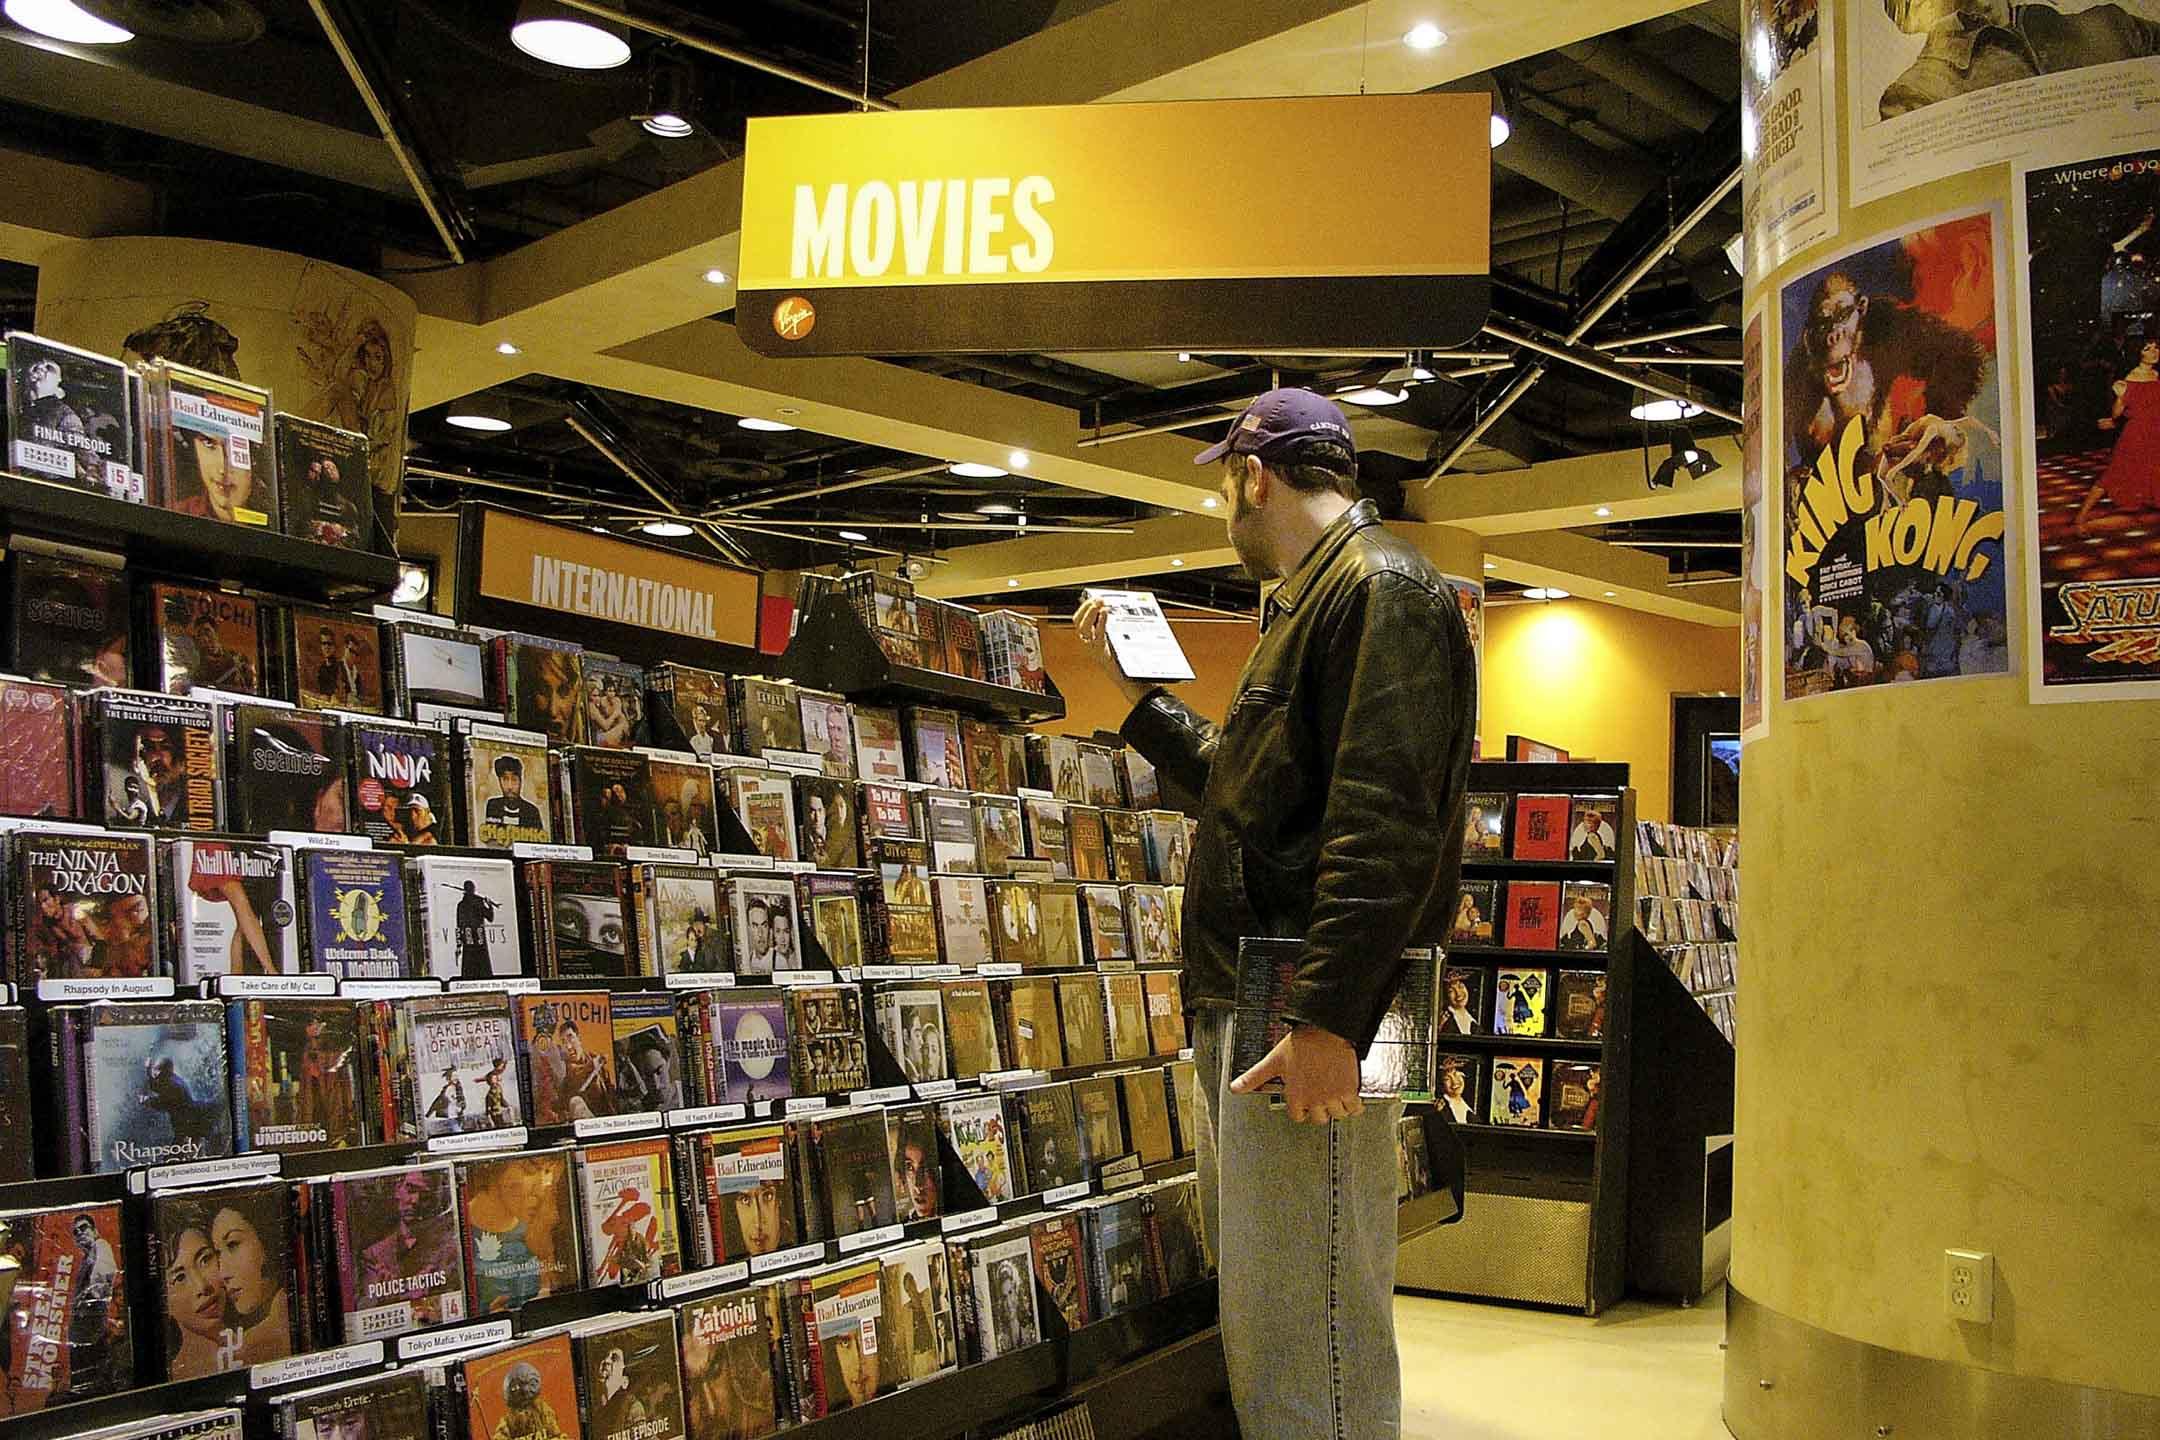 電影產業在錄影帶時代雖然已有高單價、小規模的發行,但一直到DVD出現才真正有賣斷權利給消費者的規模化市場。 攝: Spencer Platt/Getty Images